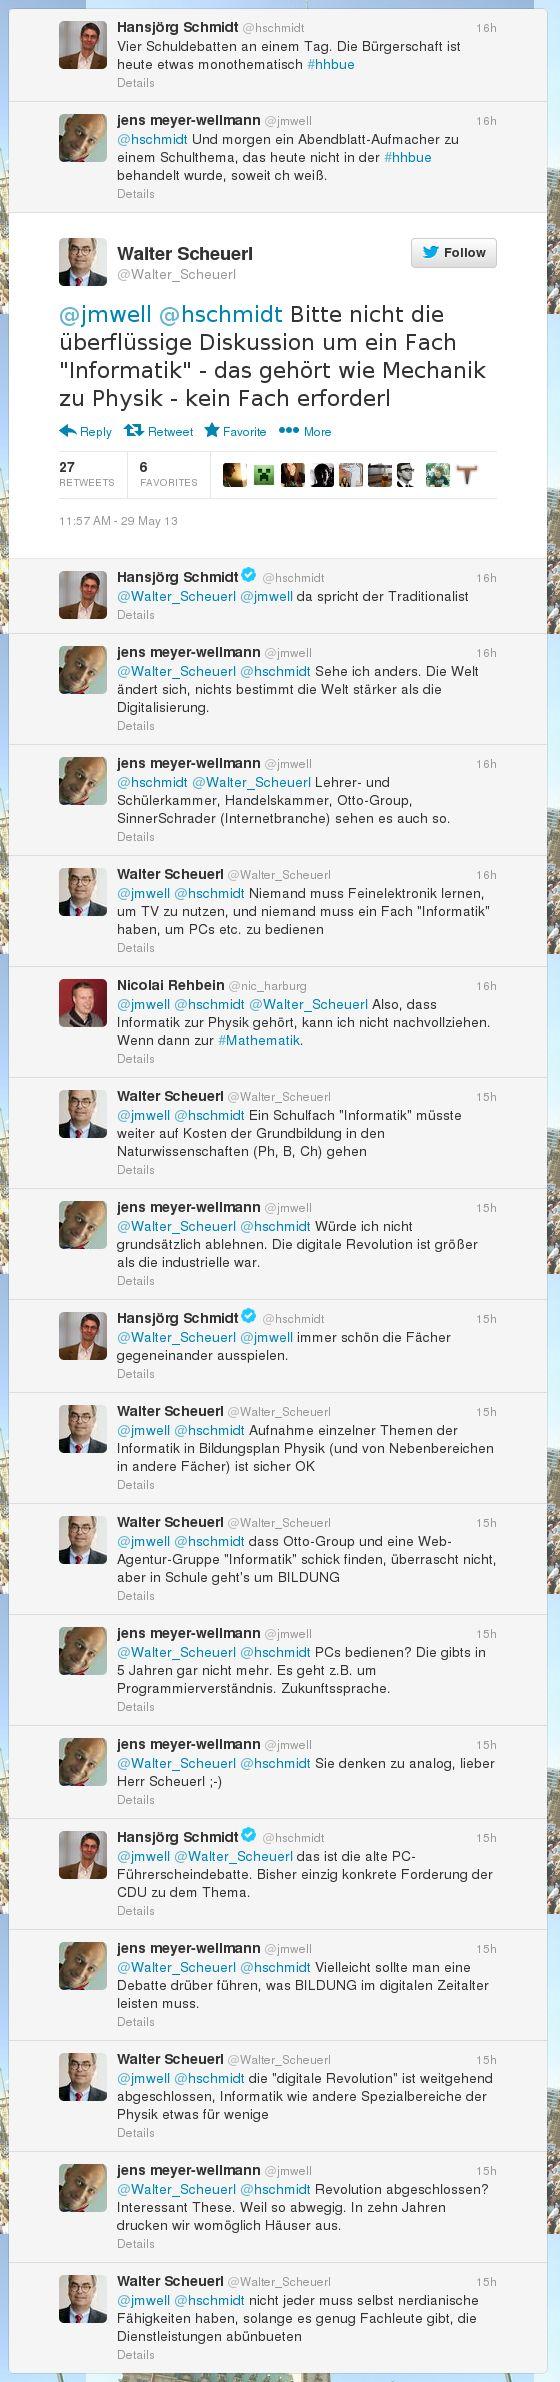 Screenshot eines Tweets von Walter Scheuerl -- hschmidt: Vier Schuldebatten an einem Tag. Die Bürgerschaft ist heute etwas monothematisch #hhbue -- jmwell: @hschmidt Und morgen ein Abendblatt-Aufmacher zu einem Schulthema, das heute nicht in der #hhbue behandelt wurde, soweit ch weiß. -- Walter_Scheuerl: @jmwell @hschmidt Bitte nicht die überflüssige Diskussion um ein Fach 'Informatik' - das gehört wie Mechanik zu Physik - kein Fach erforderl -- ... -- Walter_Scheuerl: @jmwell @hschmidt Niemand muss Feinelektronik lernen, um TV zu nutzen, und niemand muss ein Fach 'Informatik' haben, um PCs etc. zu bedienen -- ... -- Walter_Scheuerl: @jmwell @hschmidt Ein Schulfach 'Informatik' müsste weiter auf Kosten der Grundbildung in den Naturwissenschaften (Ph, B, Ch) gehen -- ... -- Walter_Scheuerl: @jmwell @hschmidt die 'digitale Revolution' ist weitgehend abgeschlossen, Informatik wie andere Spezialbereiche der Physik etwas für wenige